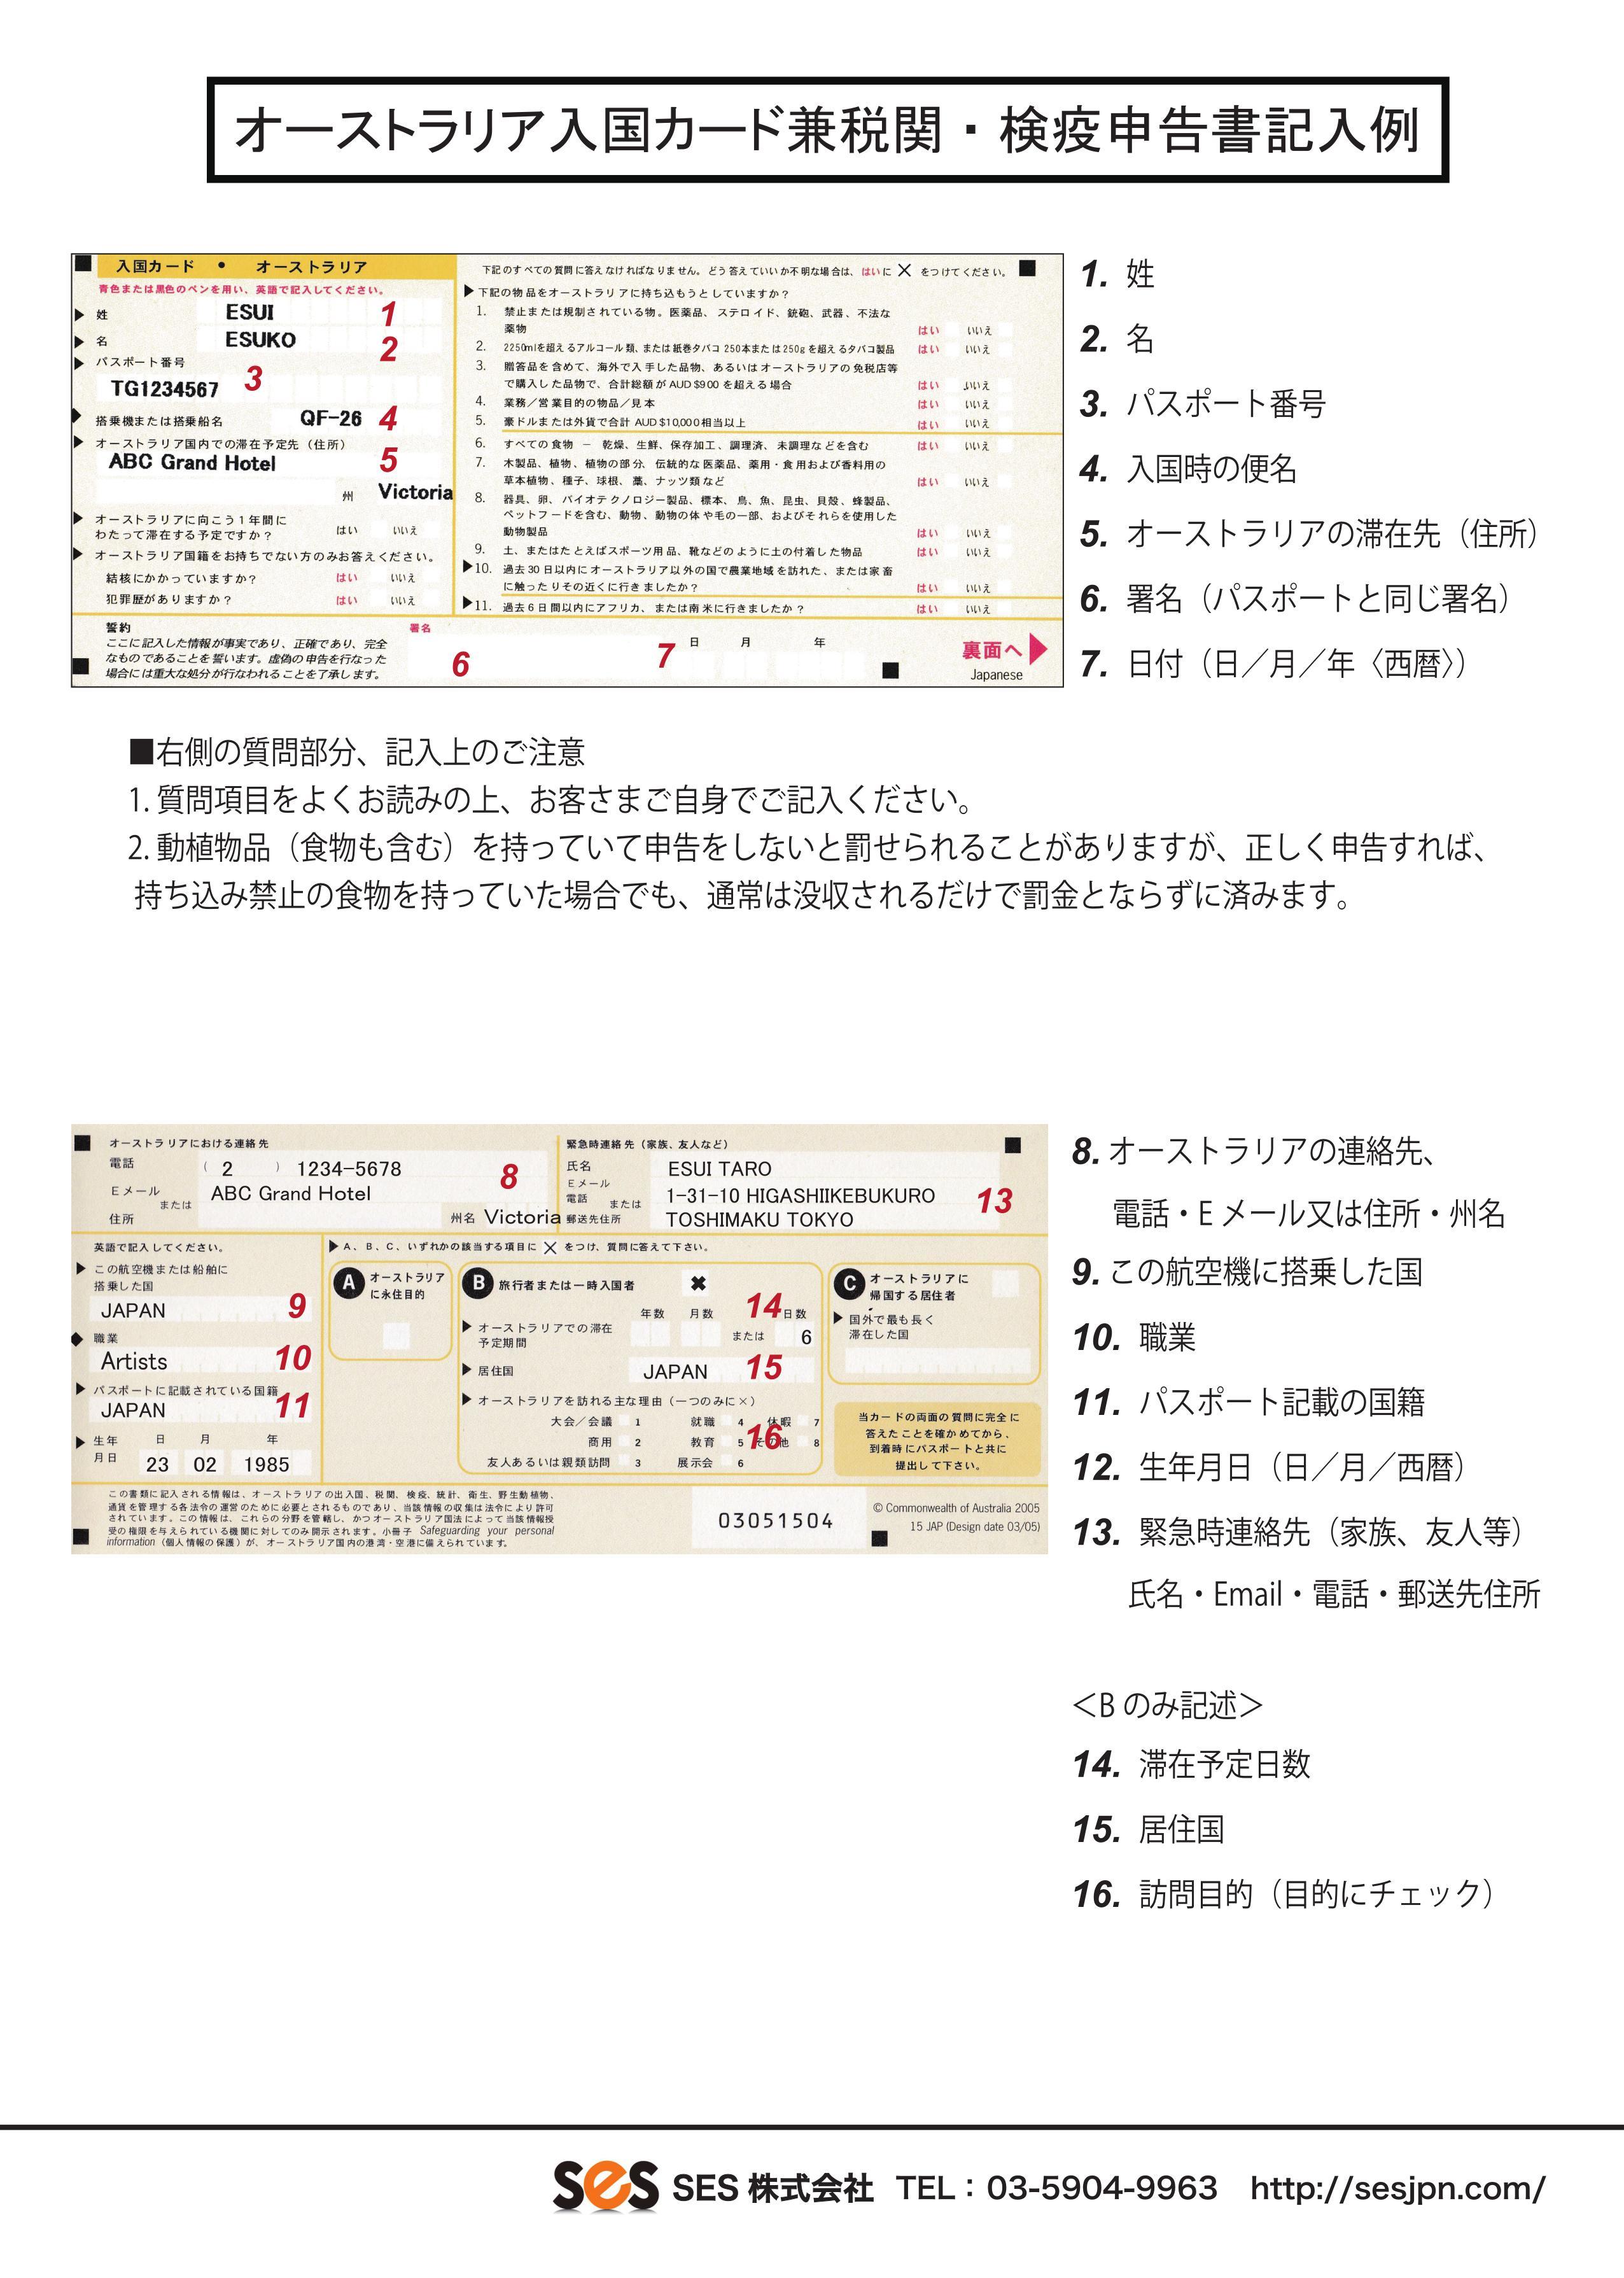 オーストラリア入国カード兼税関・検疫申告書